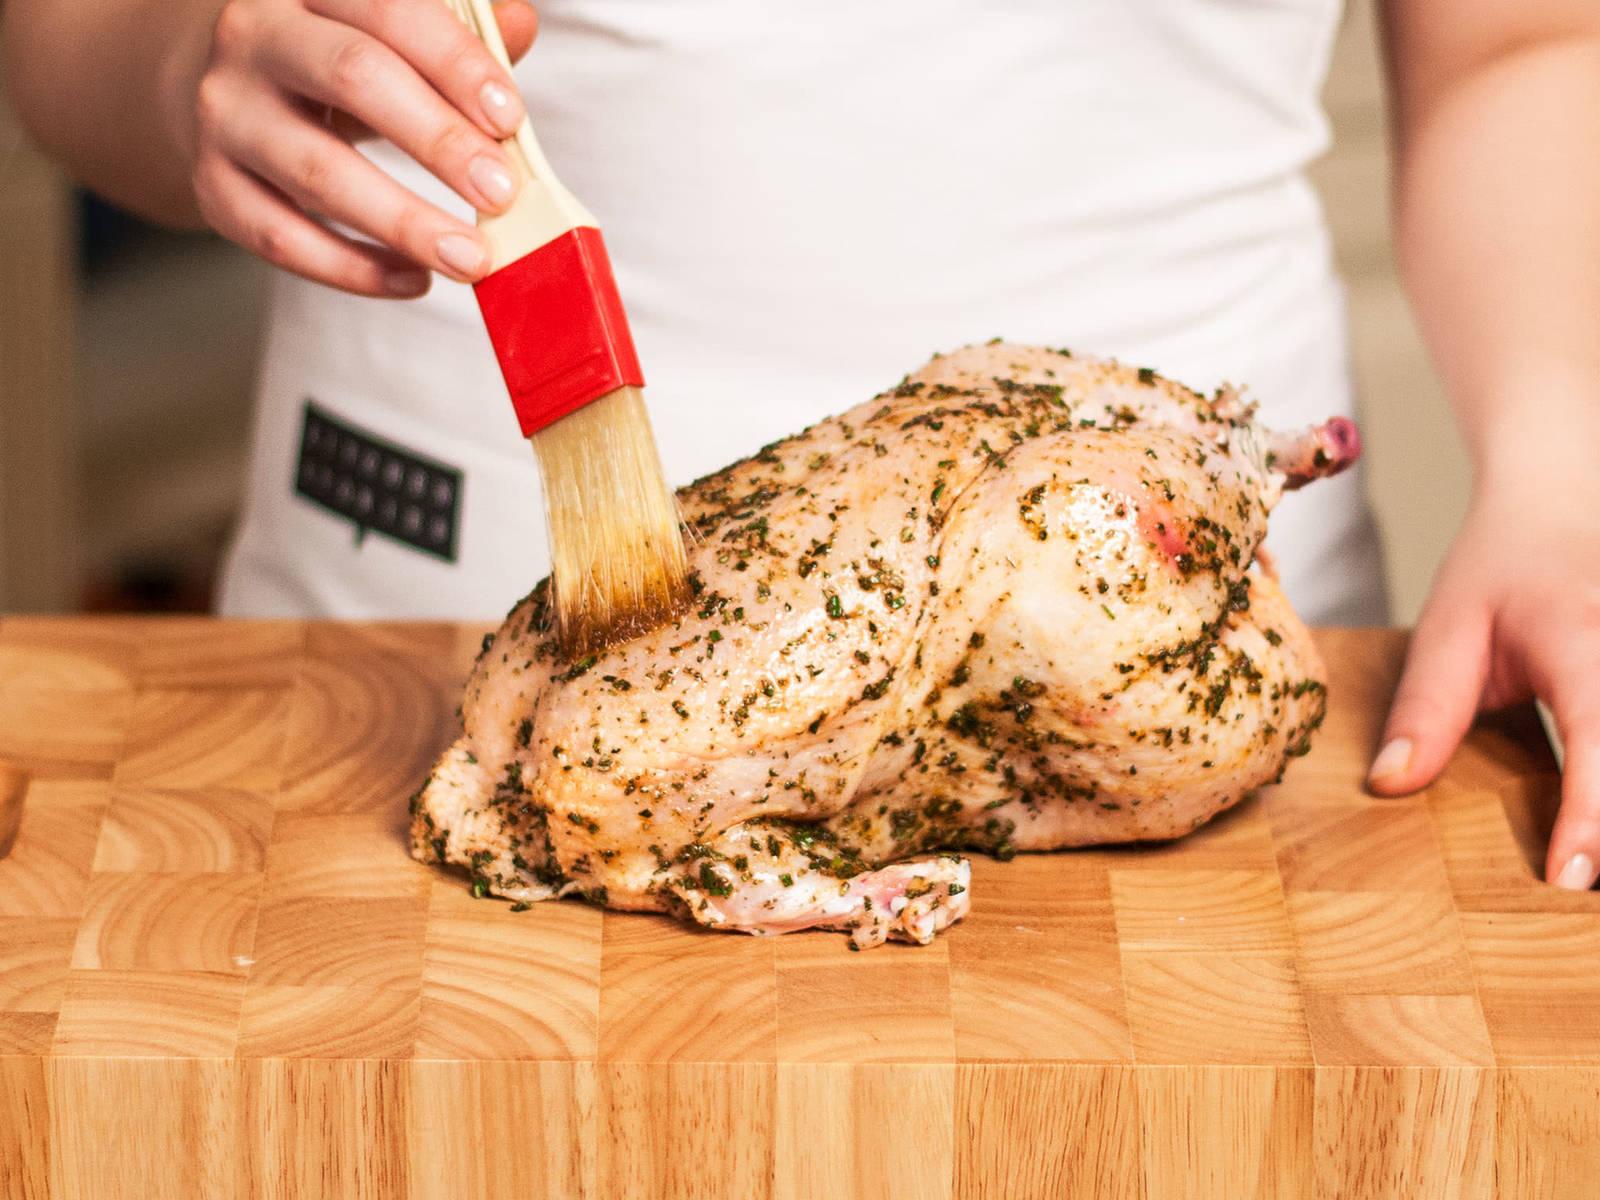 将鸡内外都刷上腌料,并向鸡肚中填入腌好的蔬菜。